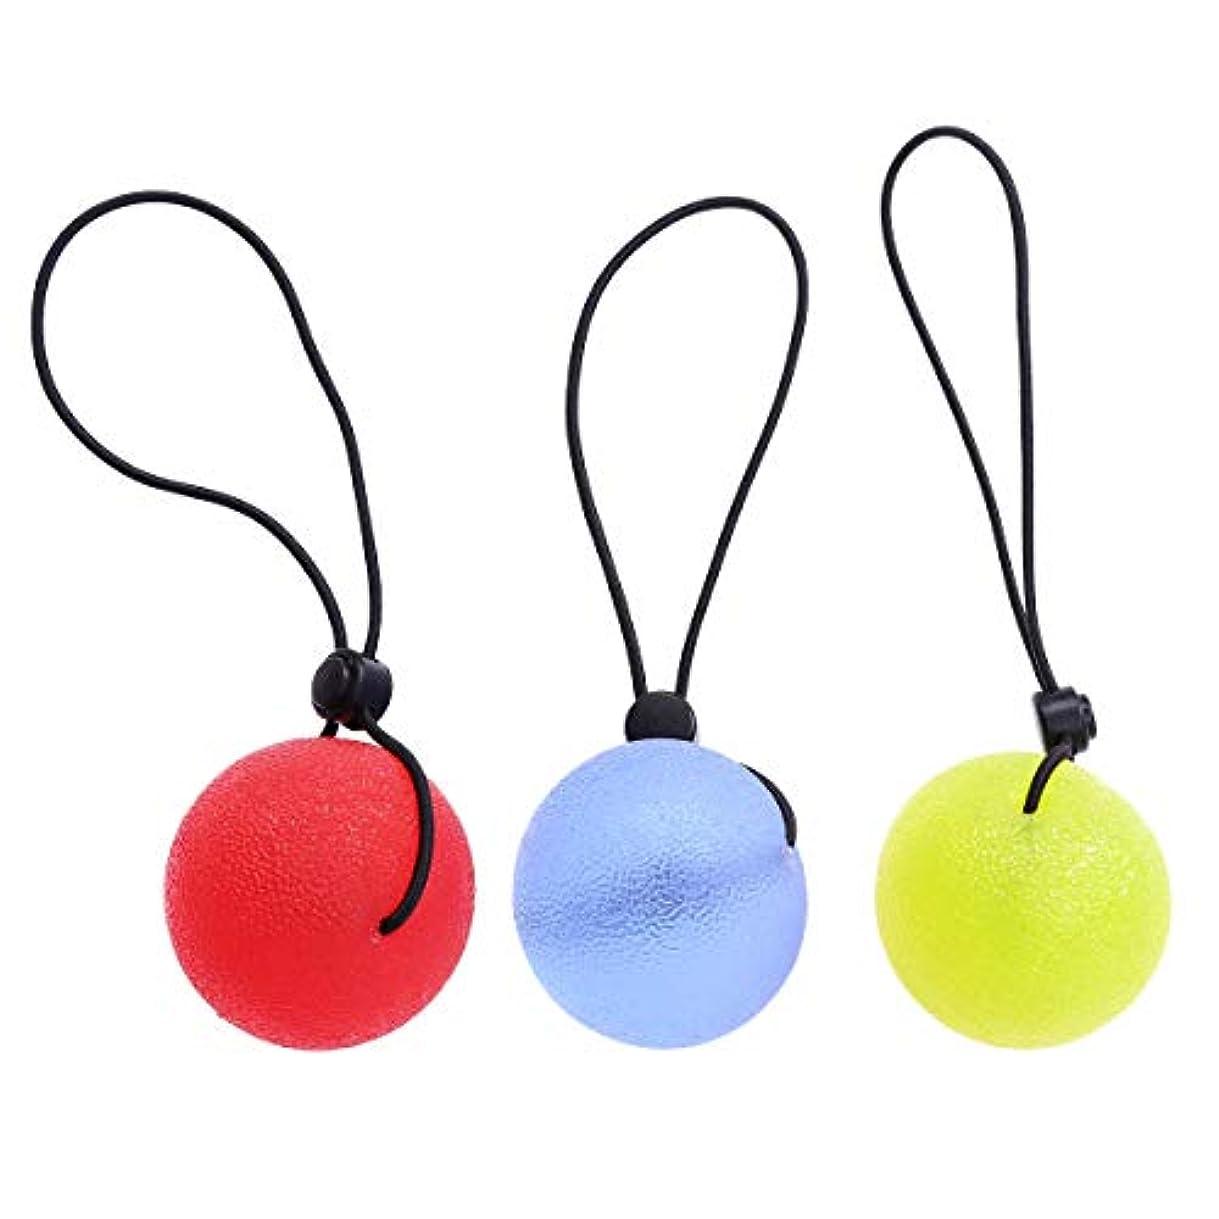 健康内向きずっとSUPVOX 3個シリコーングリップボールハンドエクササイズボールハンドセラピー強化剤トレーナー